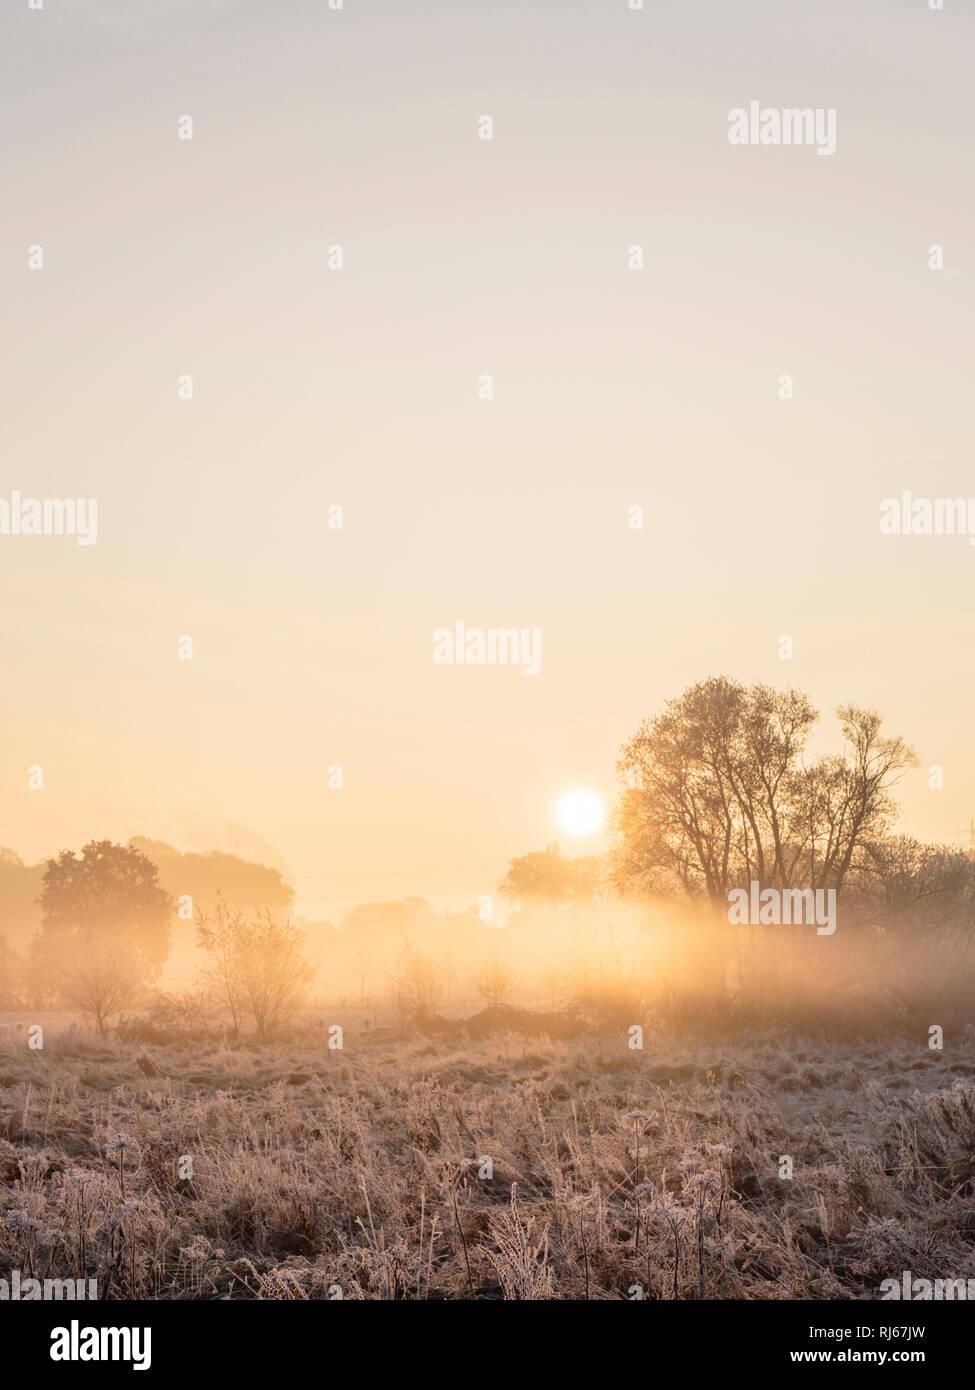 Europa, Deutschland, Nordrhein-Westfalen, Bielefeld, Sonnenaufgang über den vom Frost überreiften Wildwiesen am Obersee - Stock Image